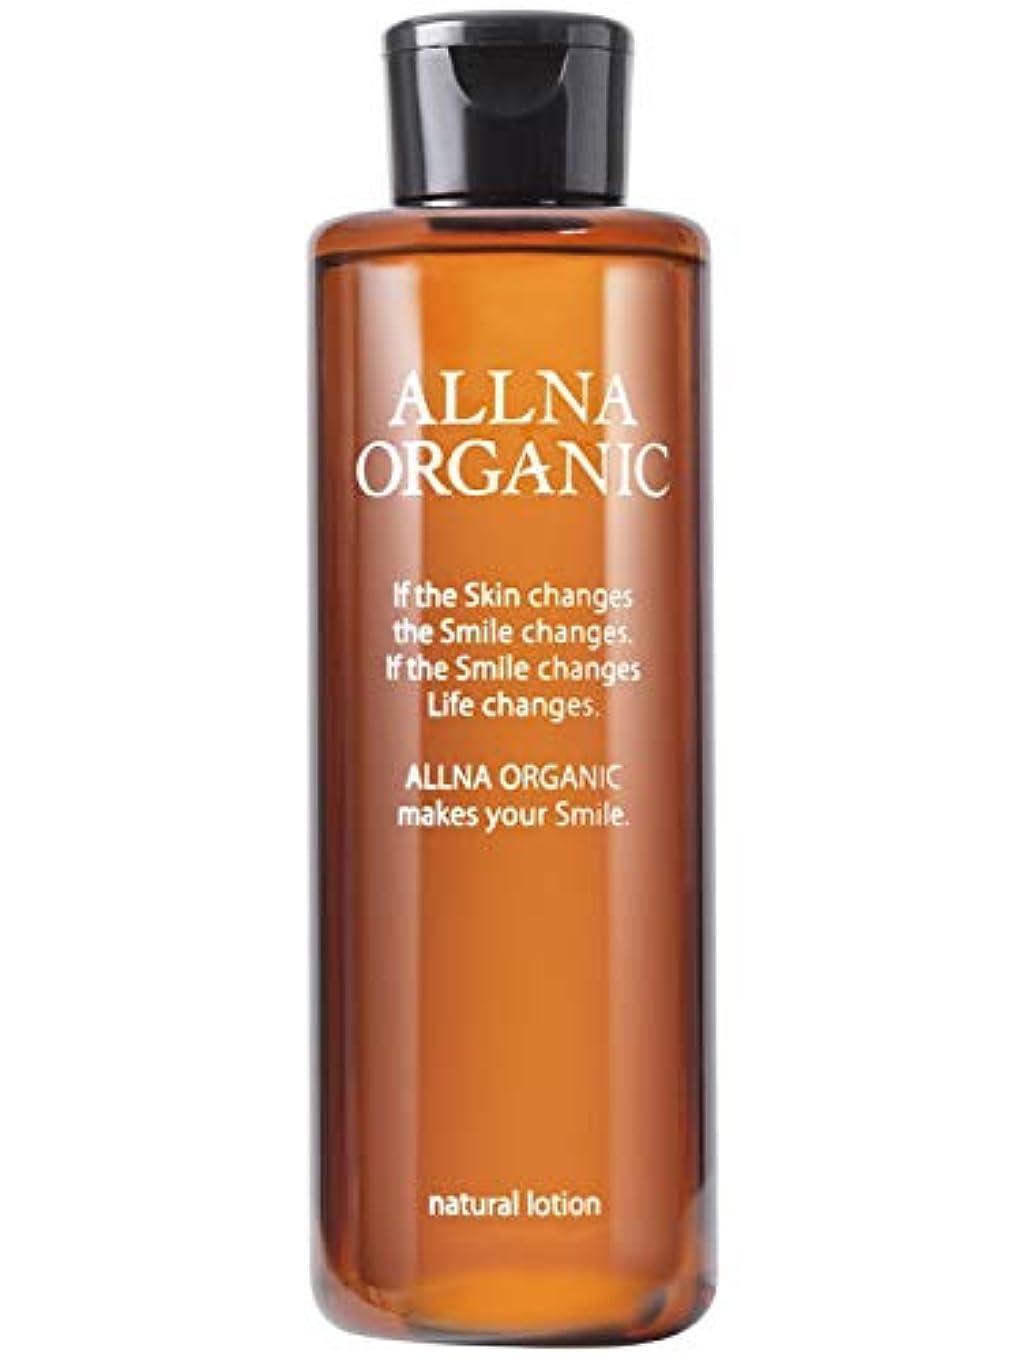 フラッシュのように素早くご飯経歴オルナ オーガニック 化粧水 「 保湿 乾燥 かさつき 用」「 コラーゲン ビタミンC誘導体 ヒアルロン酸 セラミド 配合」200ml